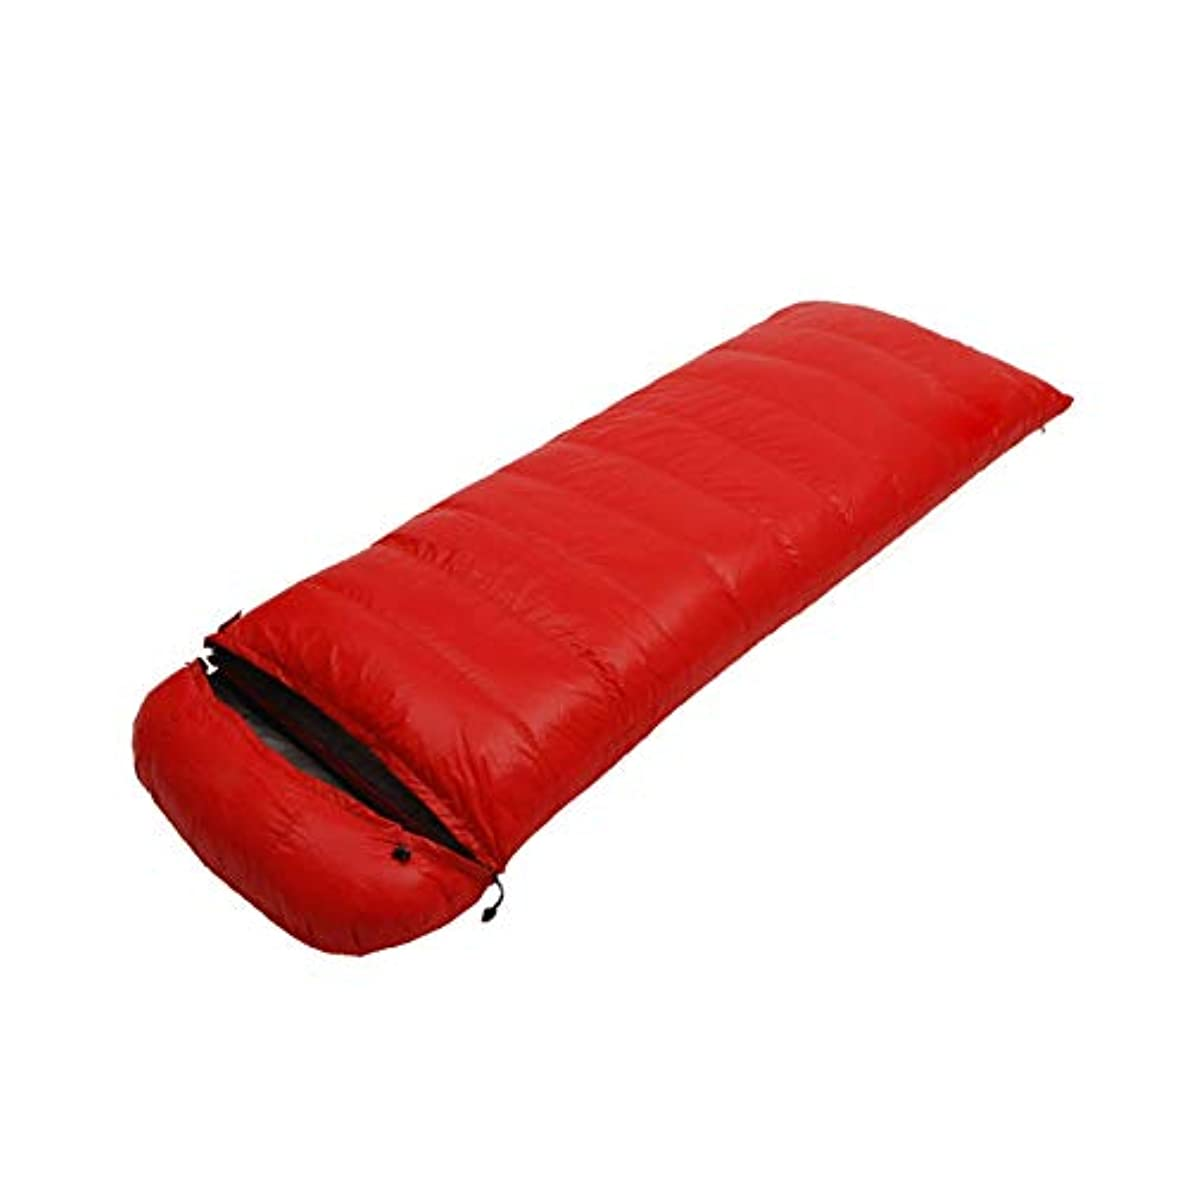 驚かすモンゴメリー引くDurable,breathable,comfortable寝袋、軽量防水睡眠袋大人封筒暖かい睡眠袋キャンプハイキングポータブル寝袋,E,800g